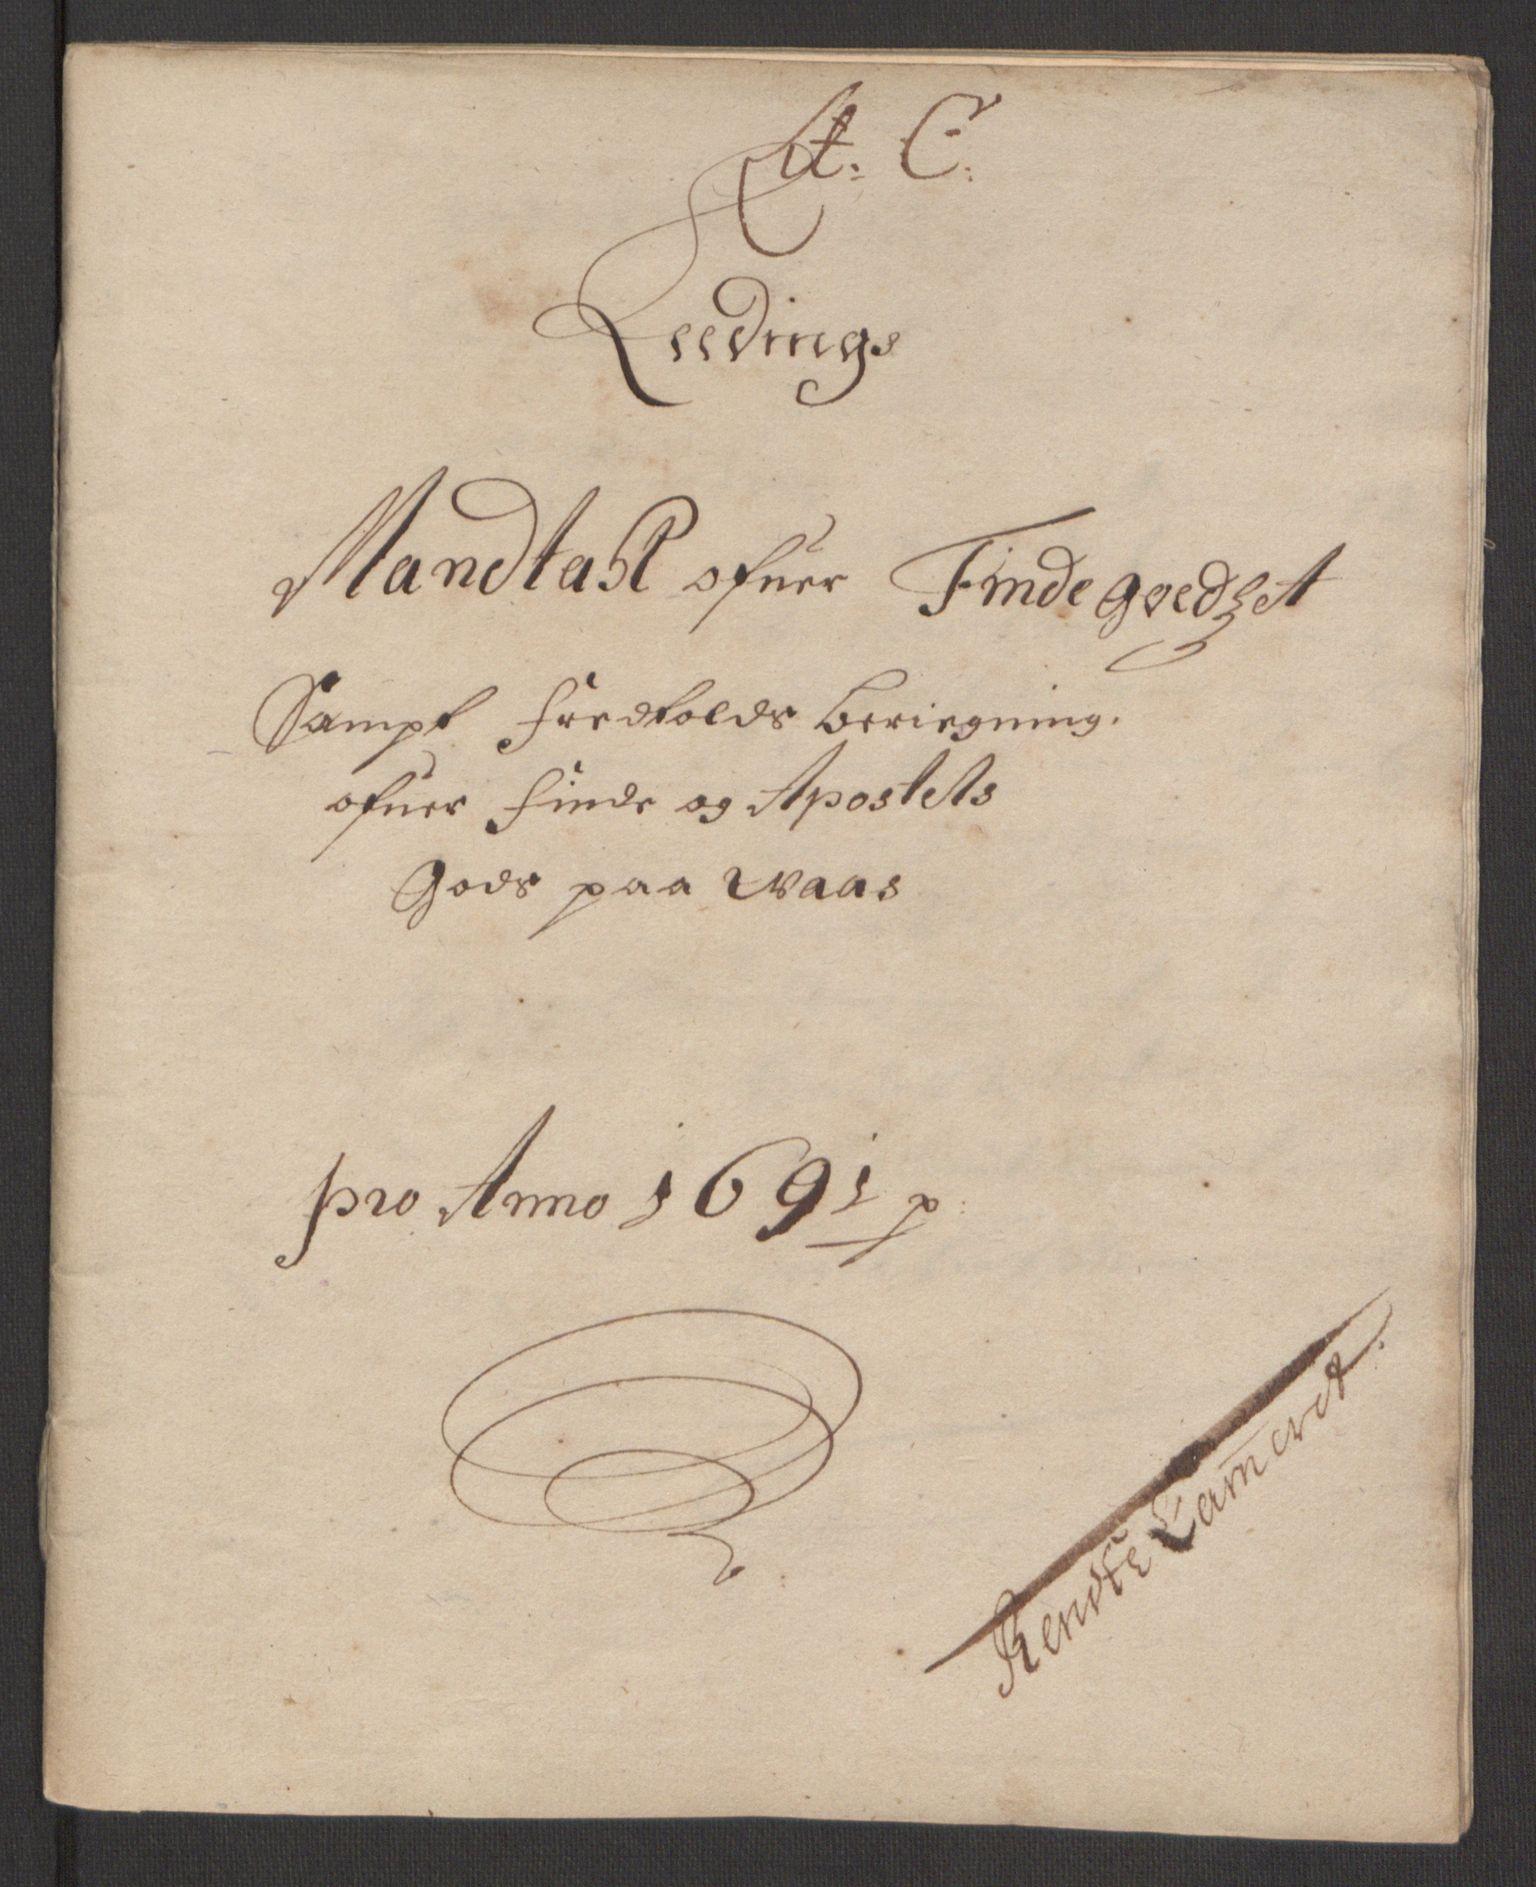 RA, Rentekammeret inntil 1814, Reviderte regnskaper, Fogderegnskap, R51/L3181: Fogderegnskap Nordhordland og Voss, 1691-1692, s. 52